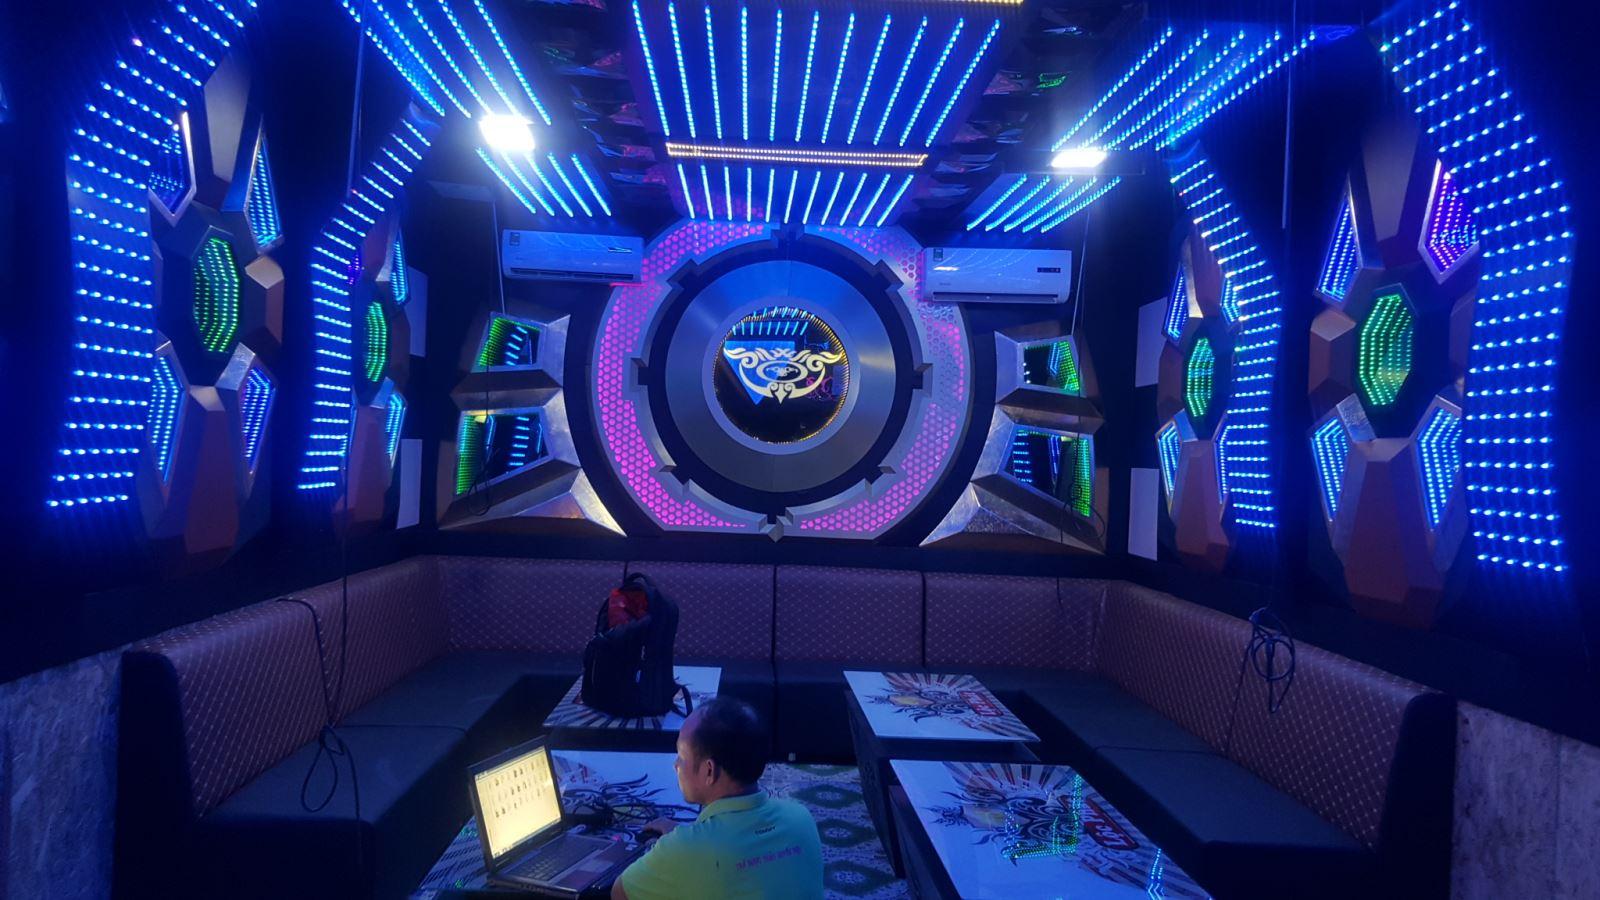 Những ưu điểm của thiết kế phòng hát karaoke bình dân